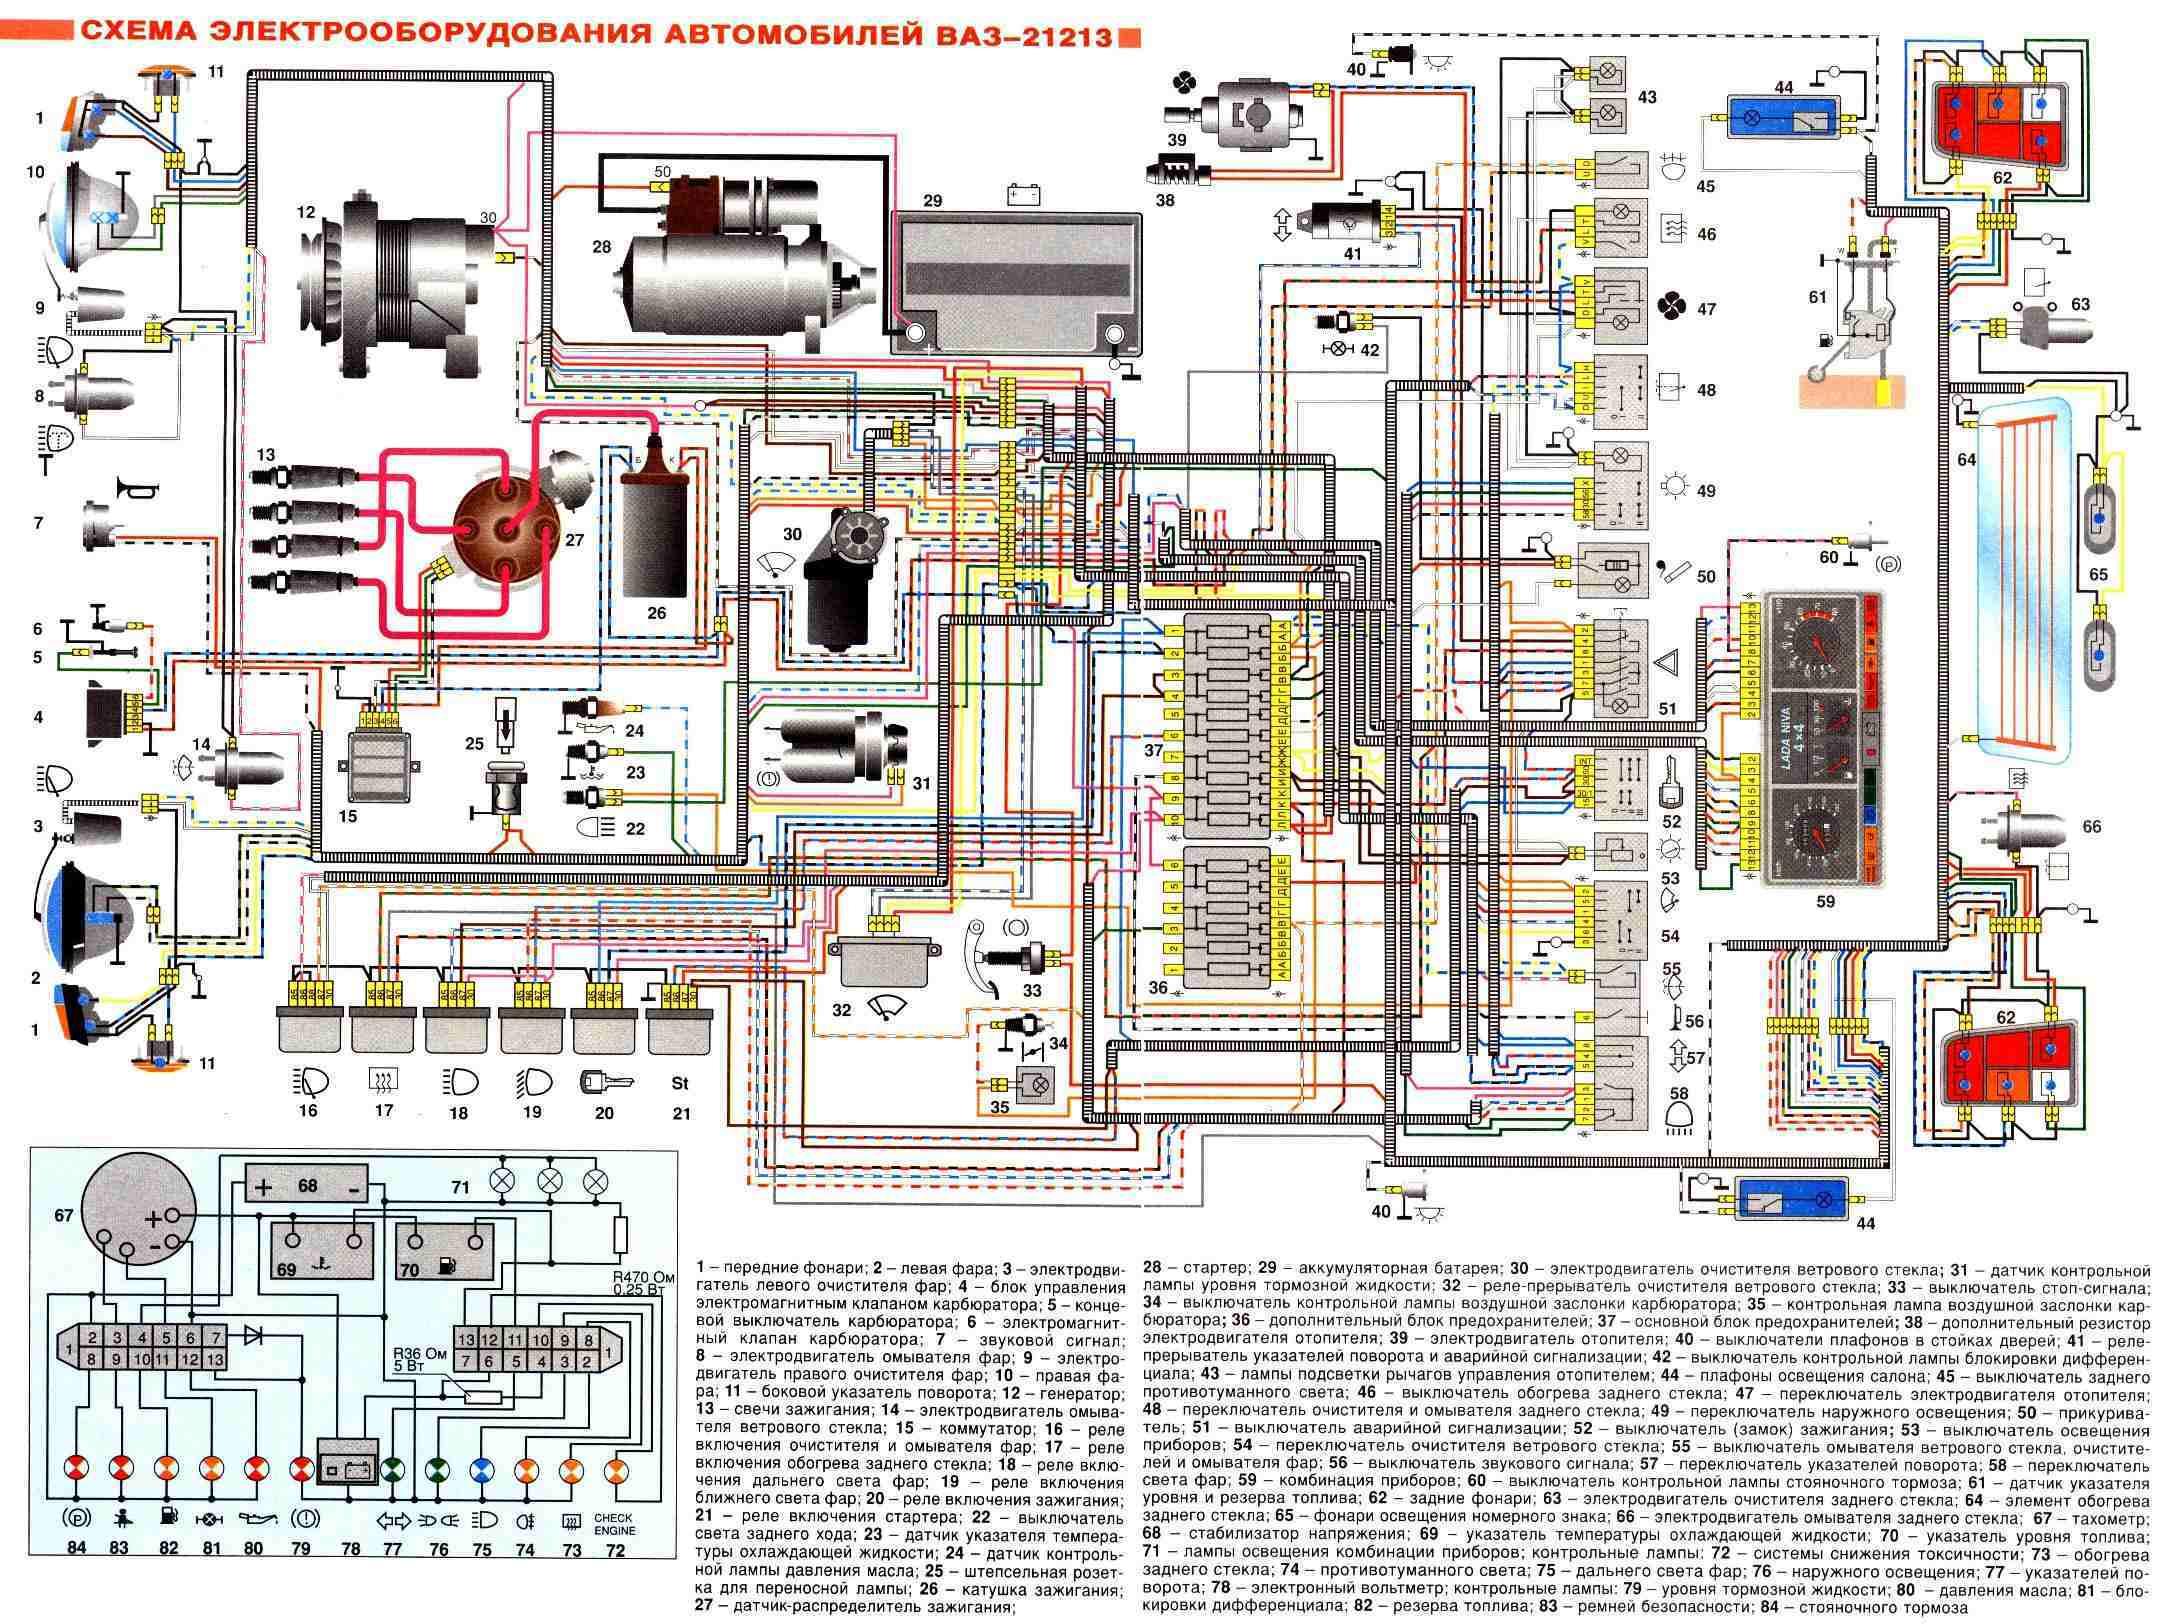 Схема электрооборудования автомобиля иж.